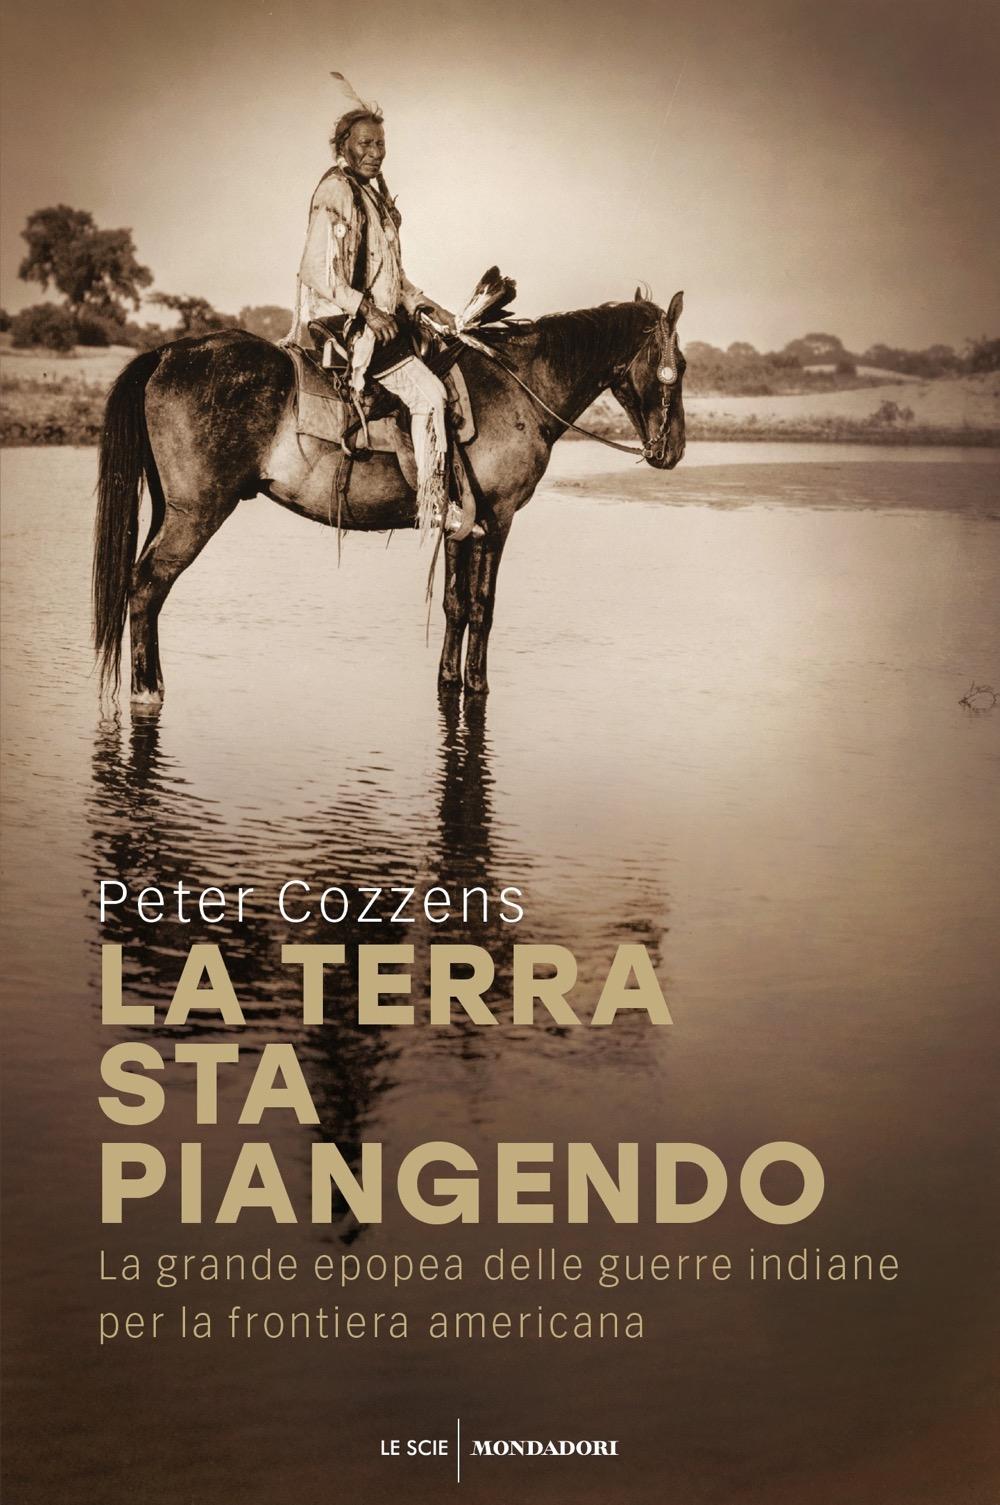 """PETER COZZENS – """"La terra sta piangendo"""""""